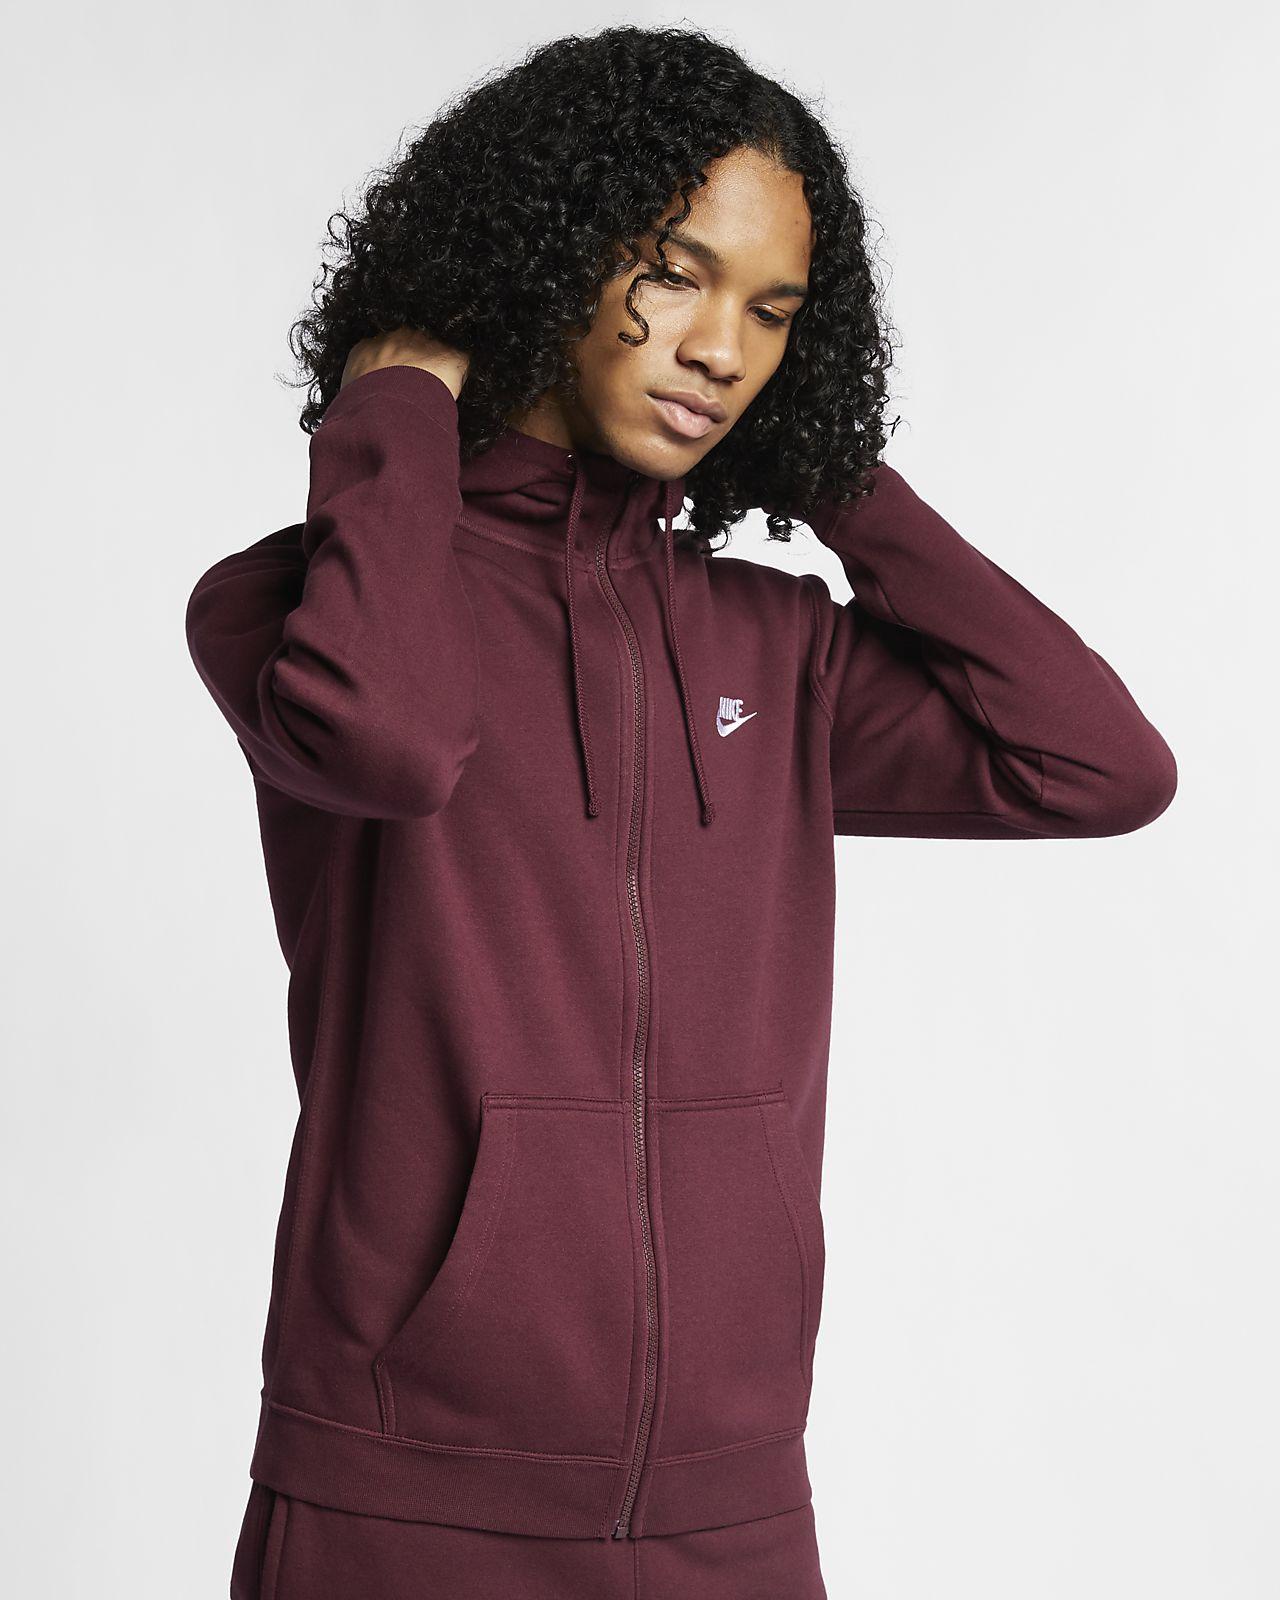 323d476d2 Nike Sportswear Club Fleece Hoodie. Nike.com SE